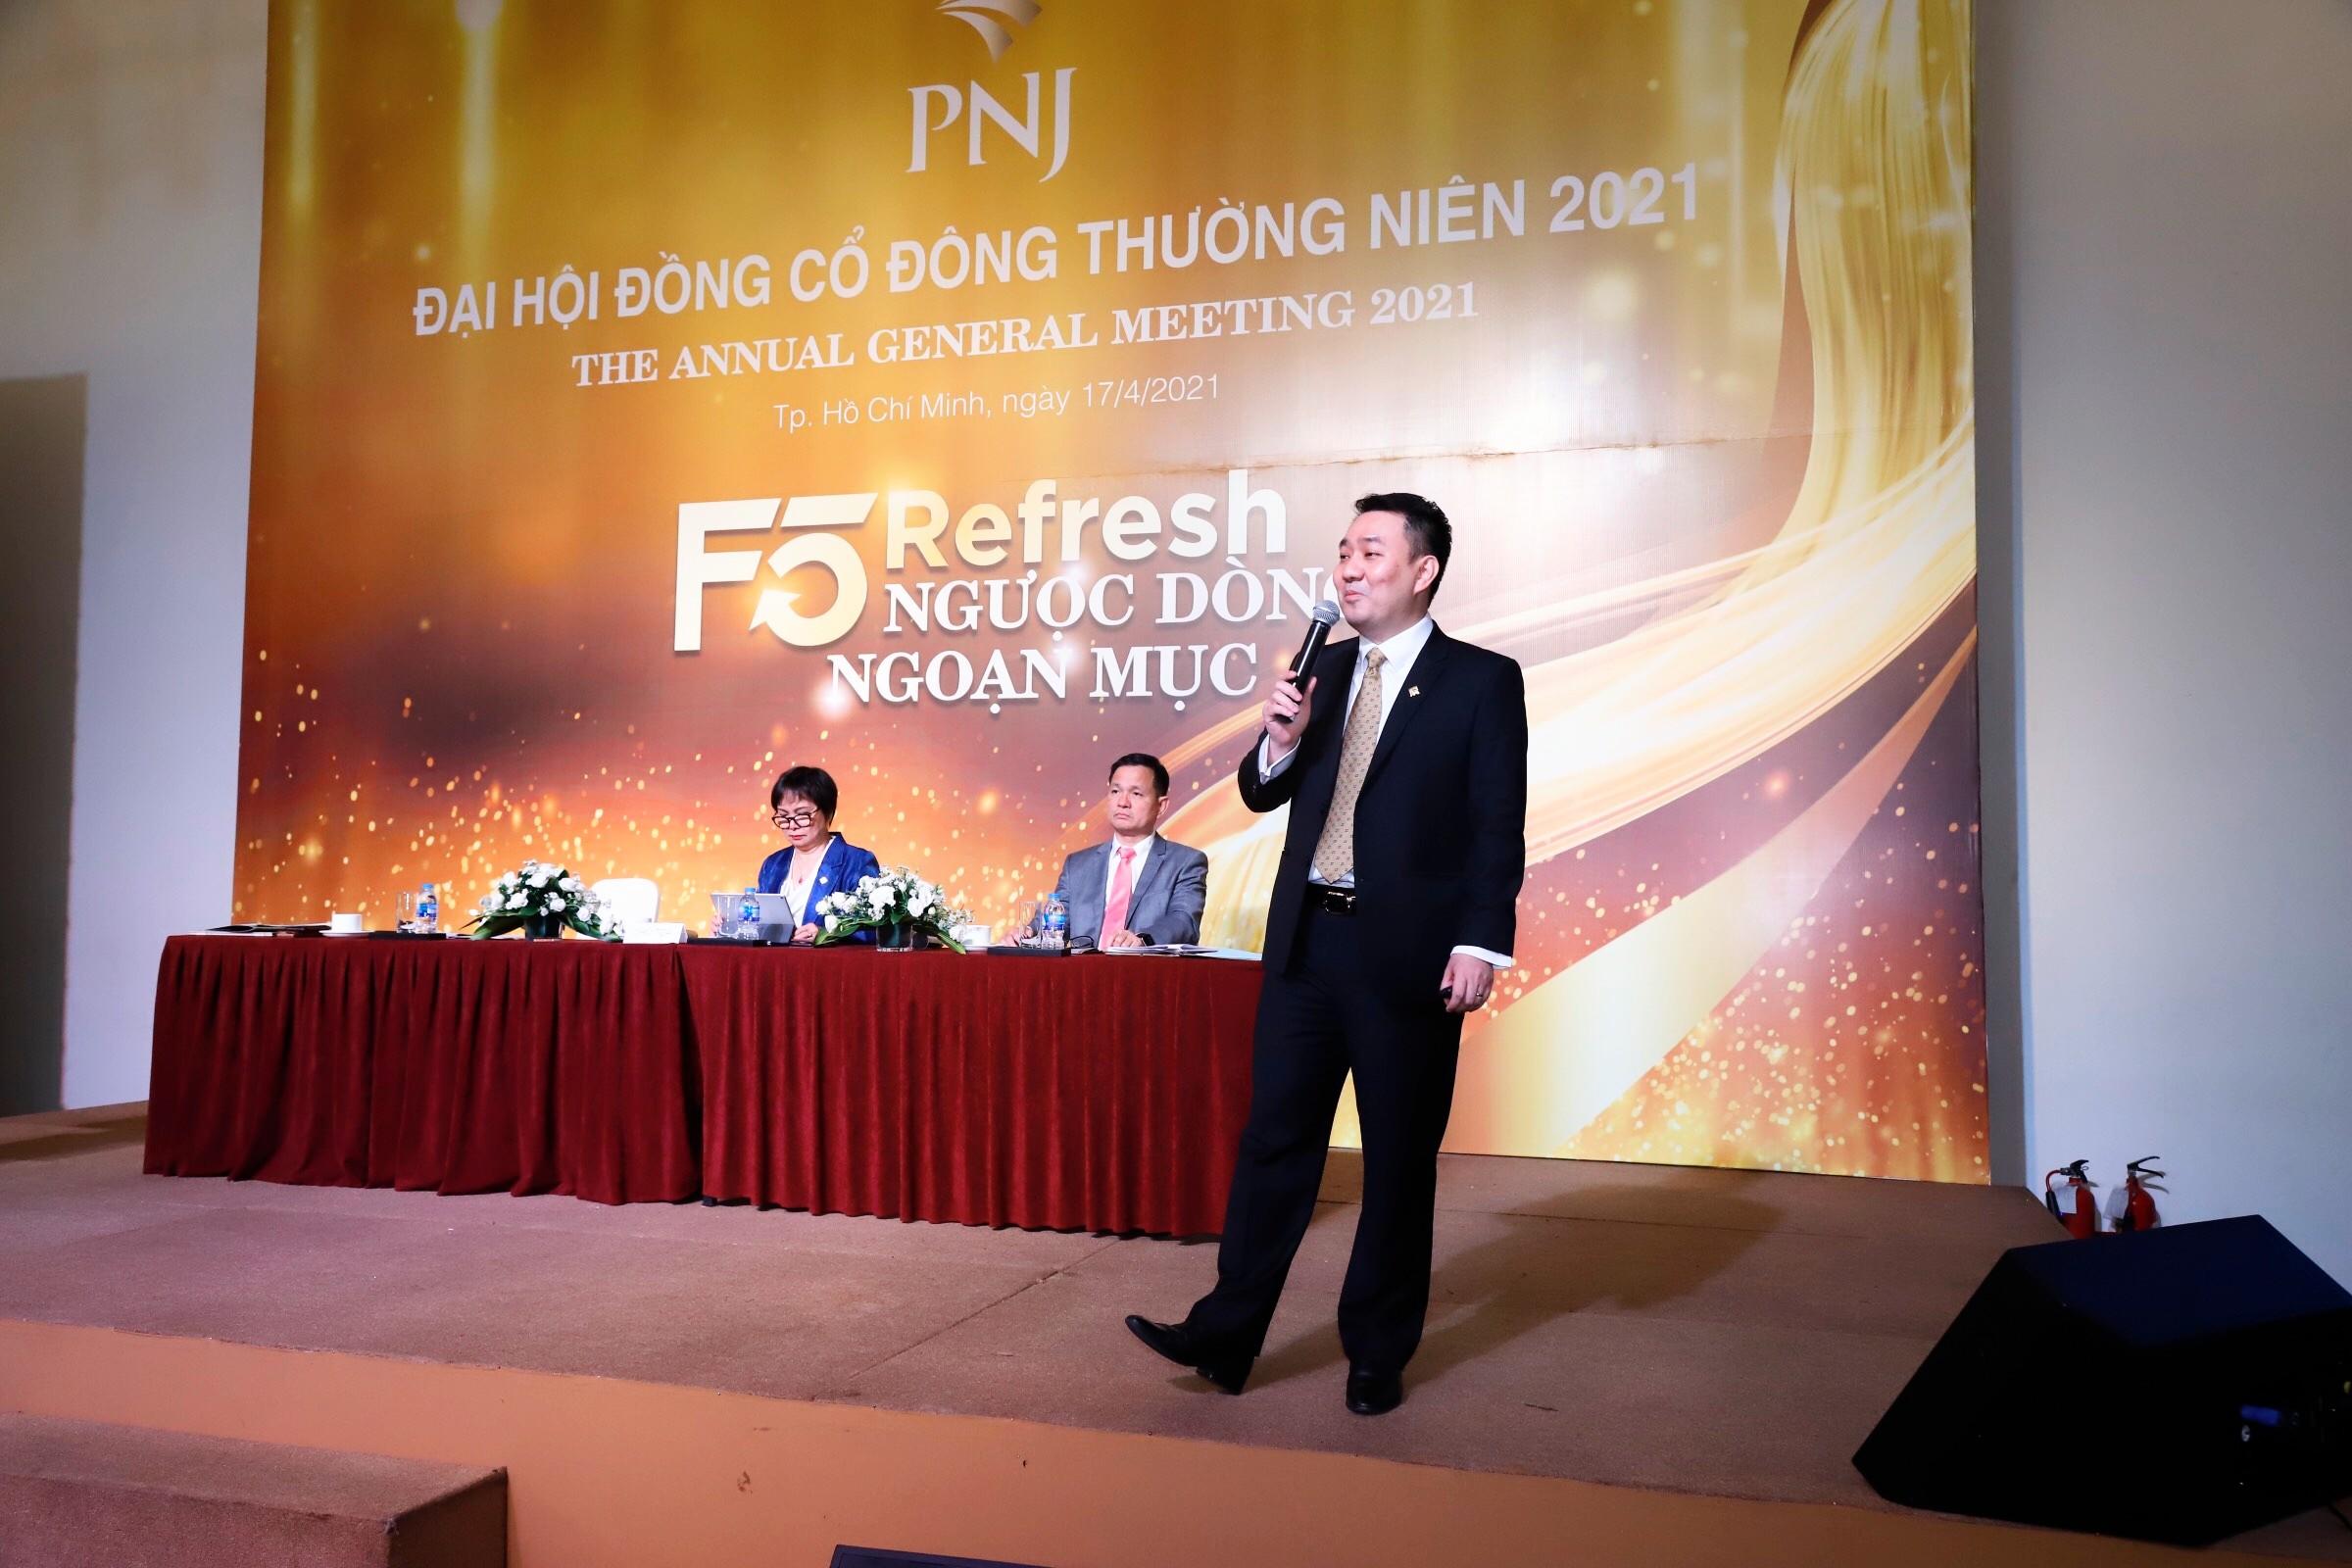 ĐHĐCĐ PNJ: Giá cổ phiếu PNJ còn cao hơn nữa trong nửa cuối năm 2021 - Ảnh 1.